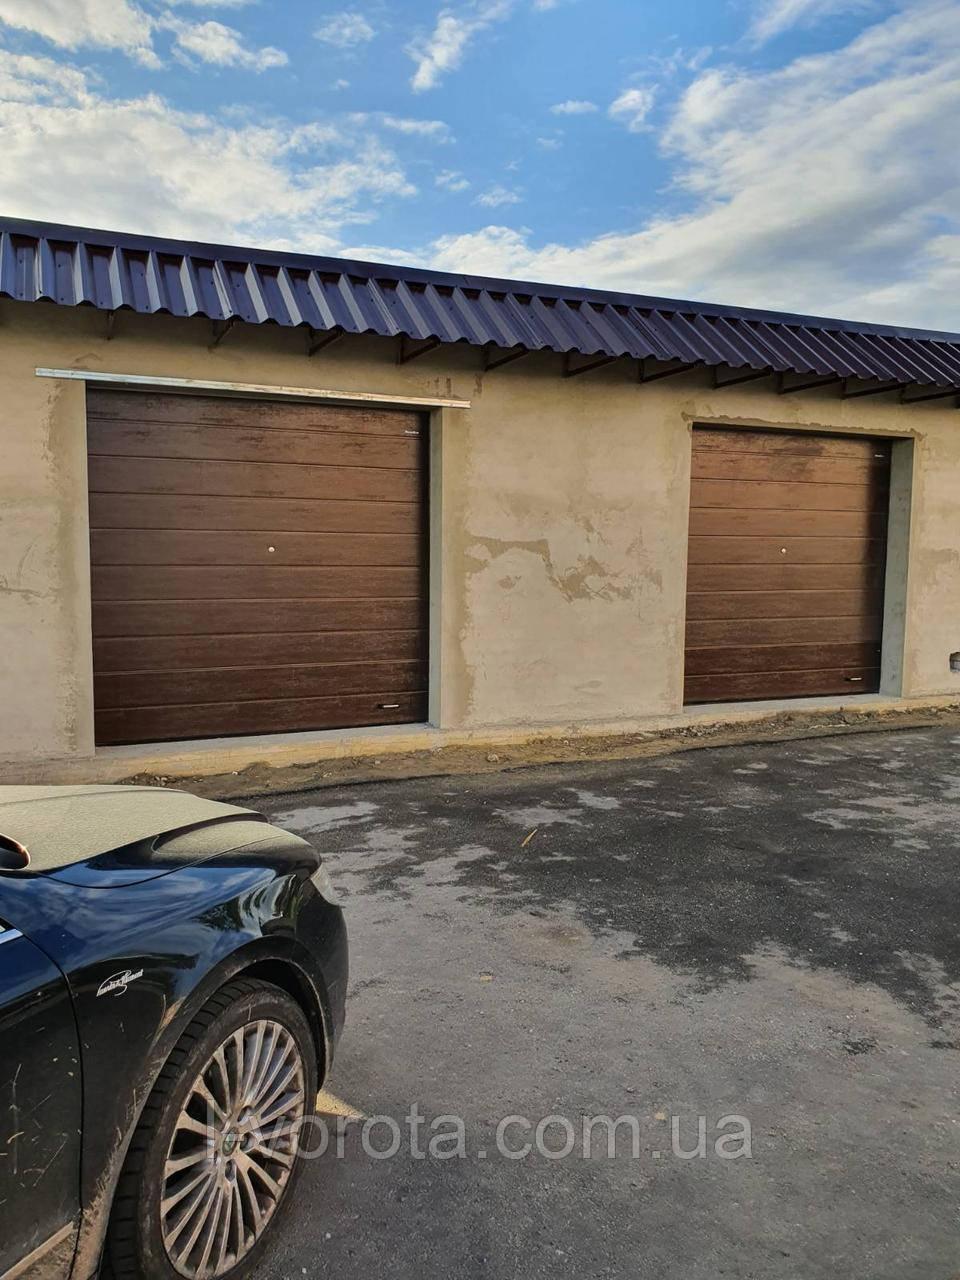 Секционные гаражные ворота DoorHan 2500*2500 (коричневый цвет)